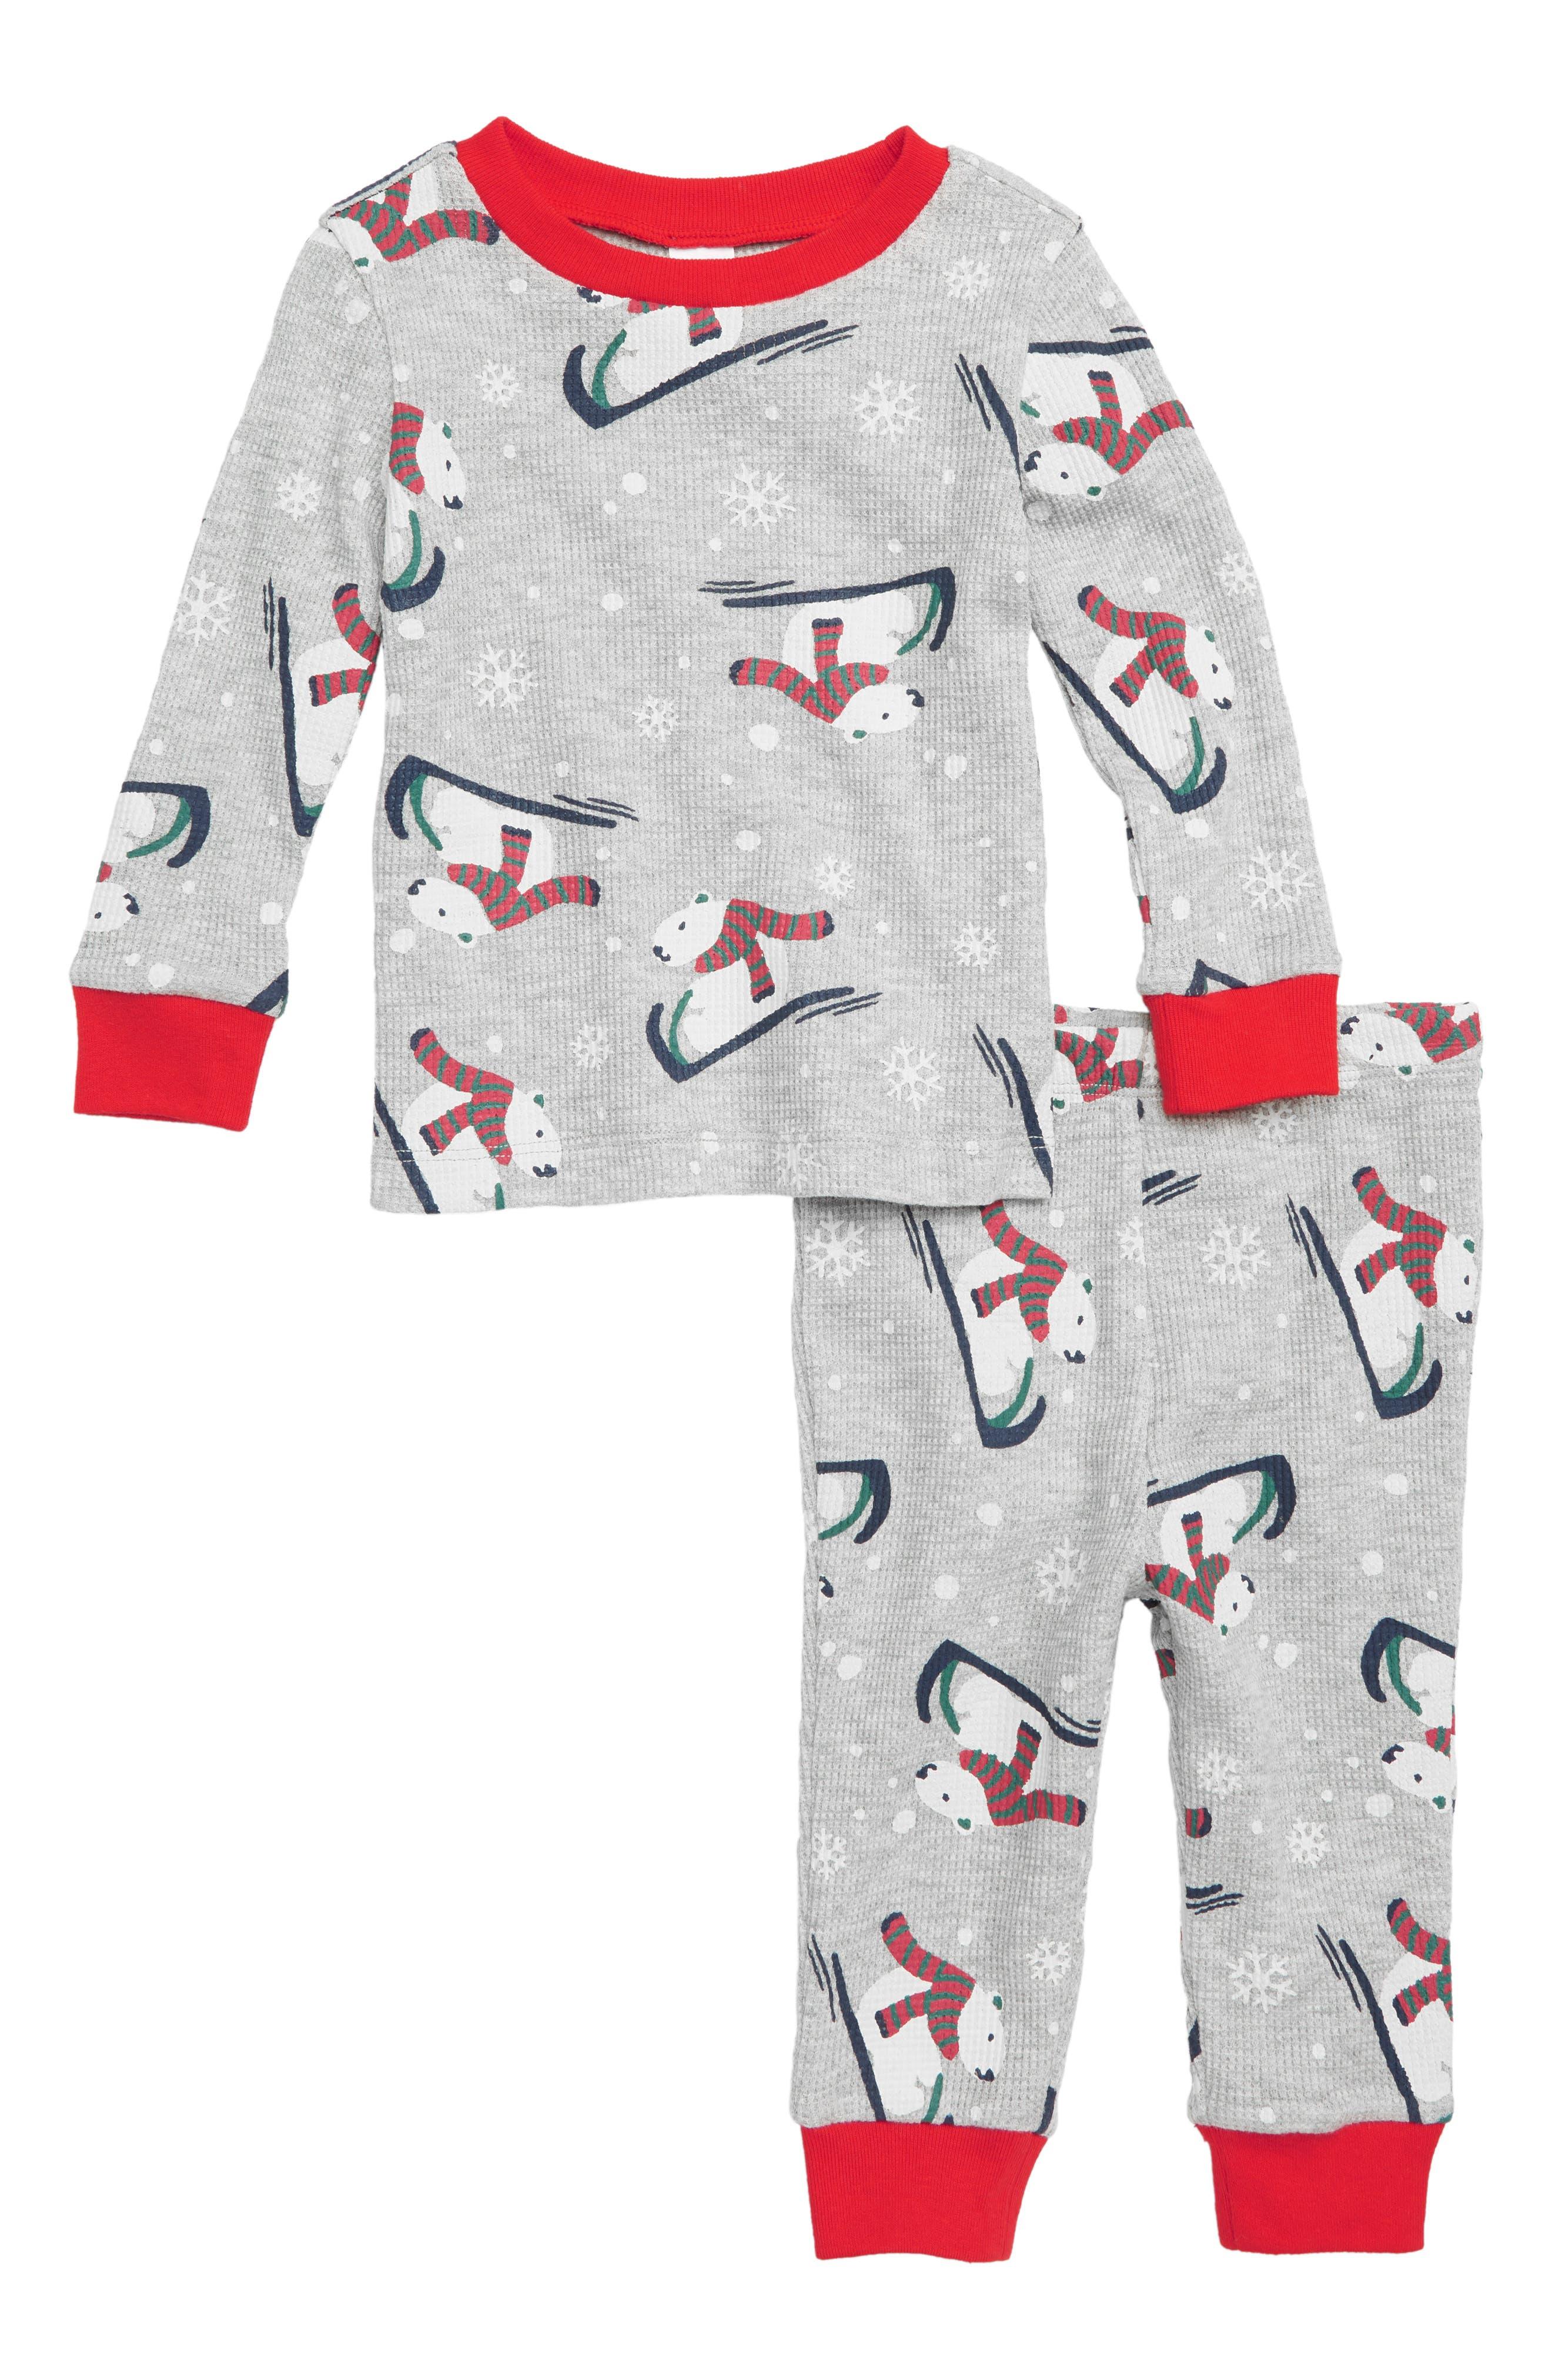 Sleepwear Baby Clothing | Nordstrom